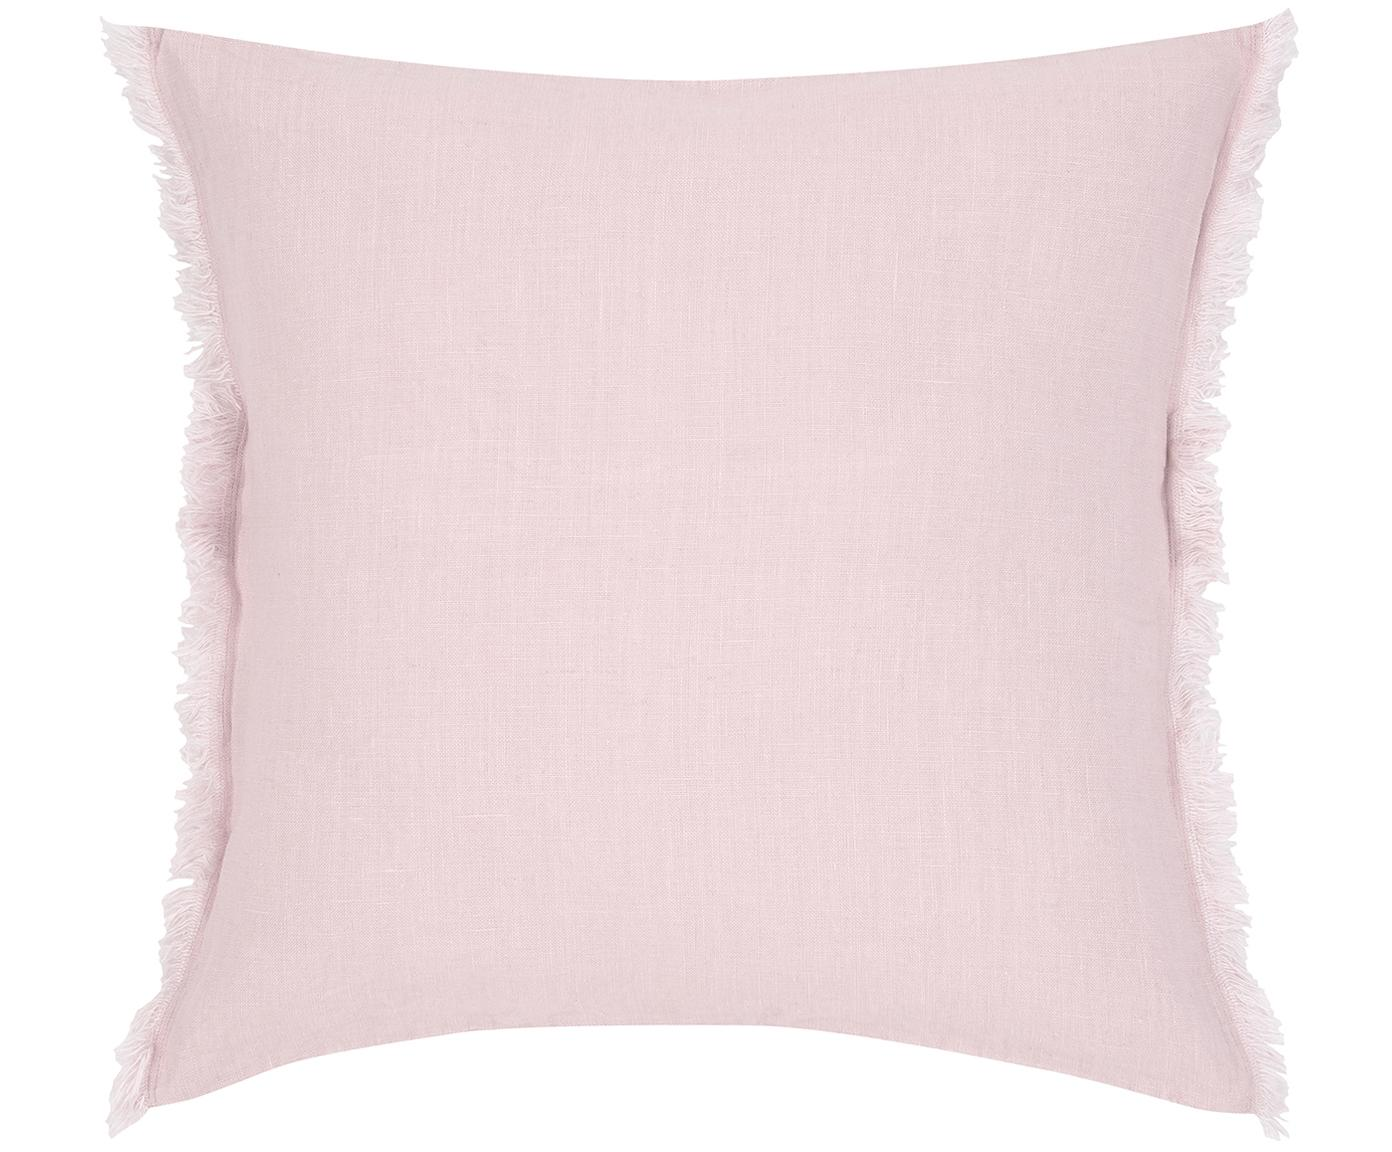 Poszewka na poduszkę z lnu Luana, Len, Brudny różowy, S 40 x D 40 cm